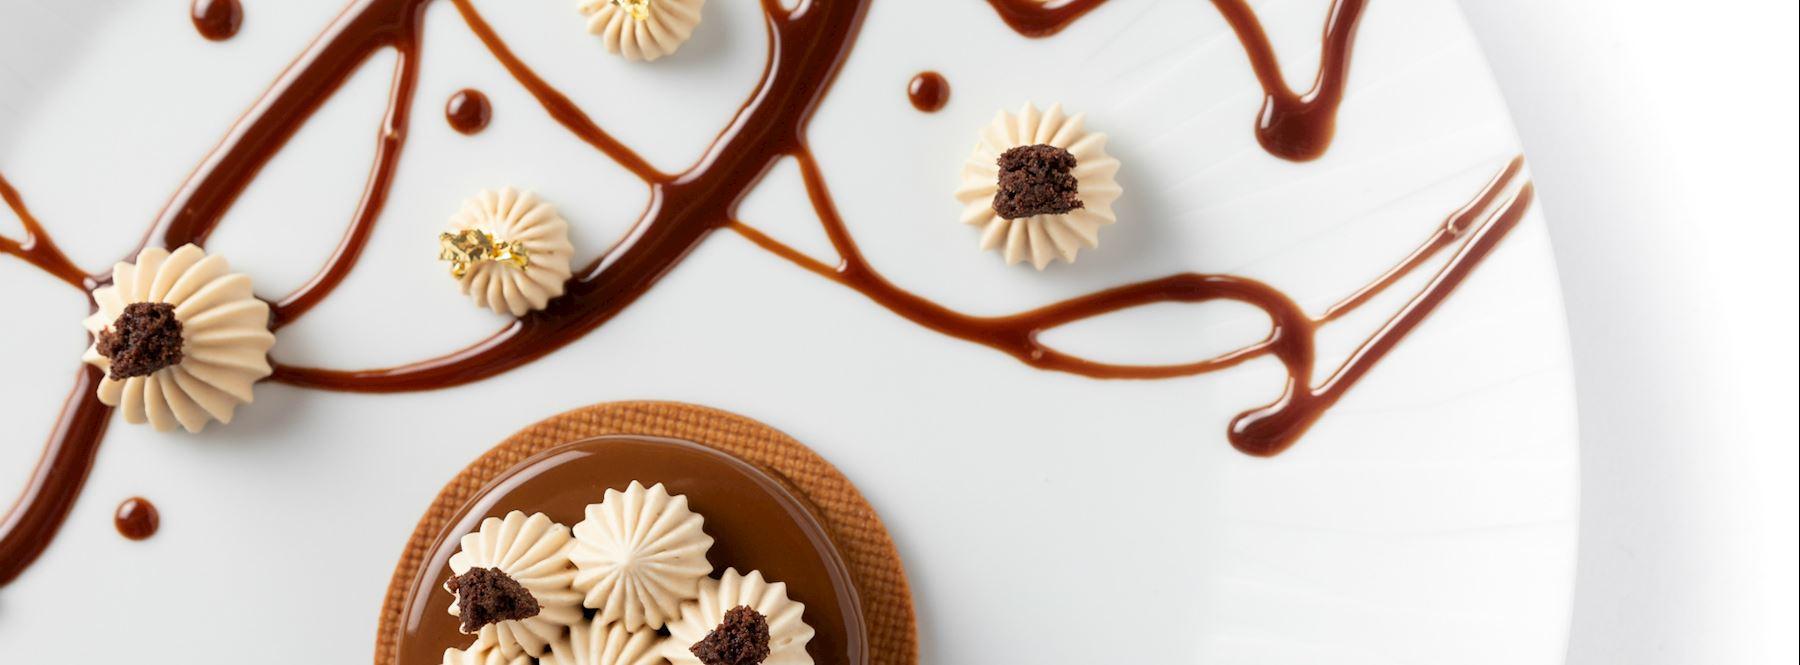 GB Roof dessert